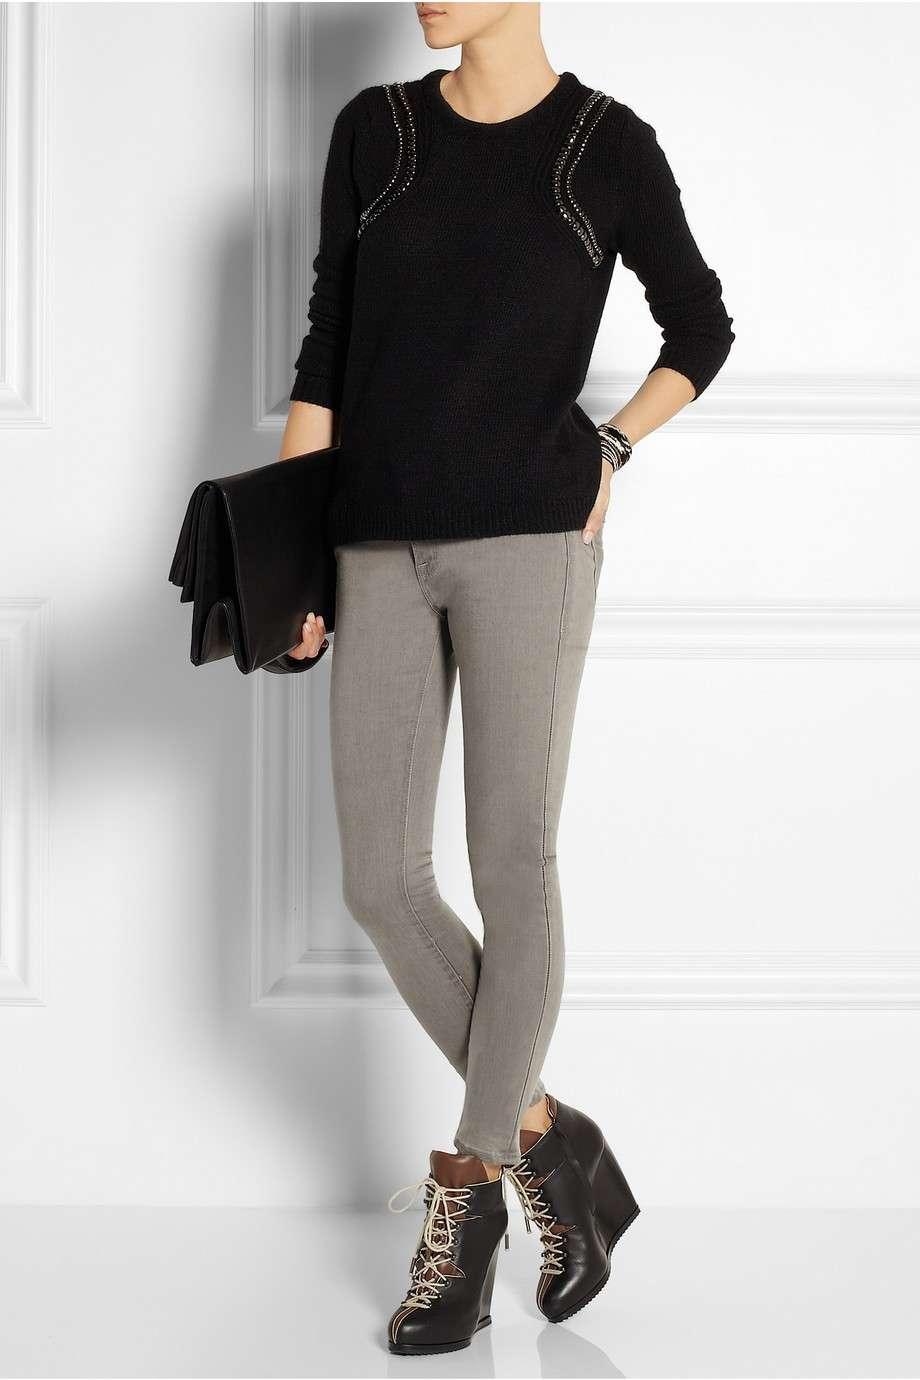 Pantaloni aderenti e francesine